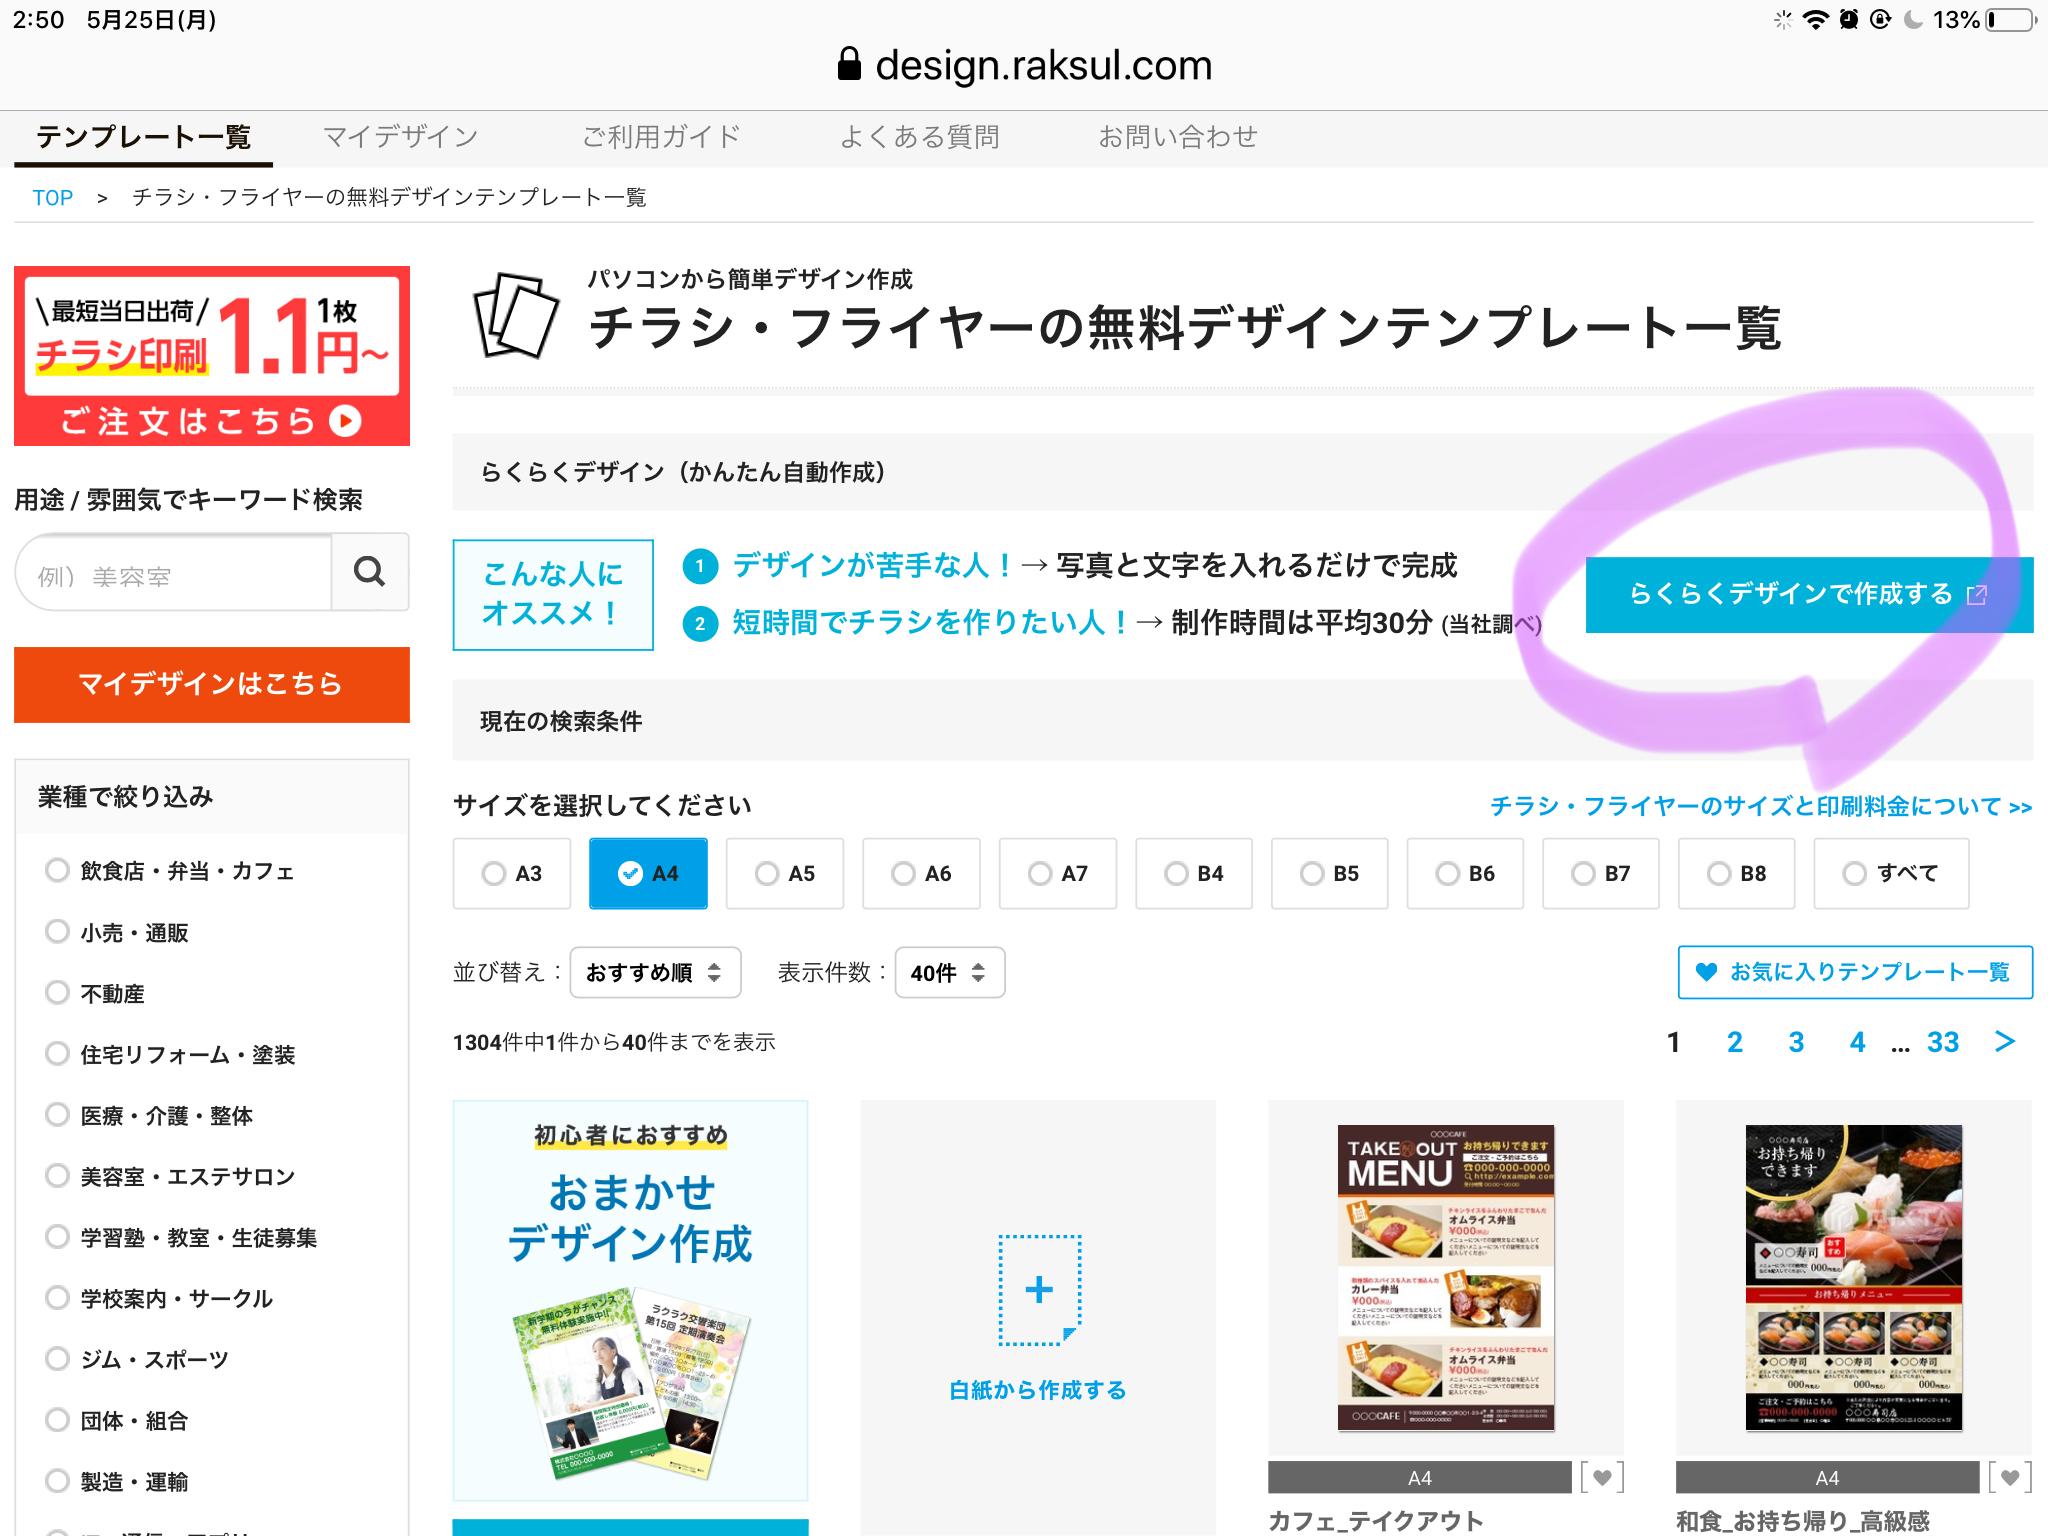 ラクスルのオンラインデザインの画面